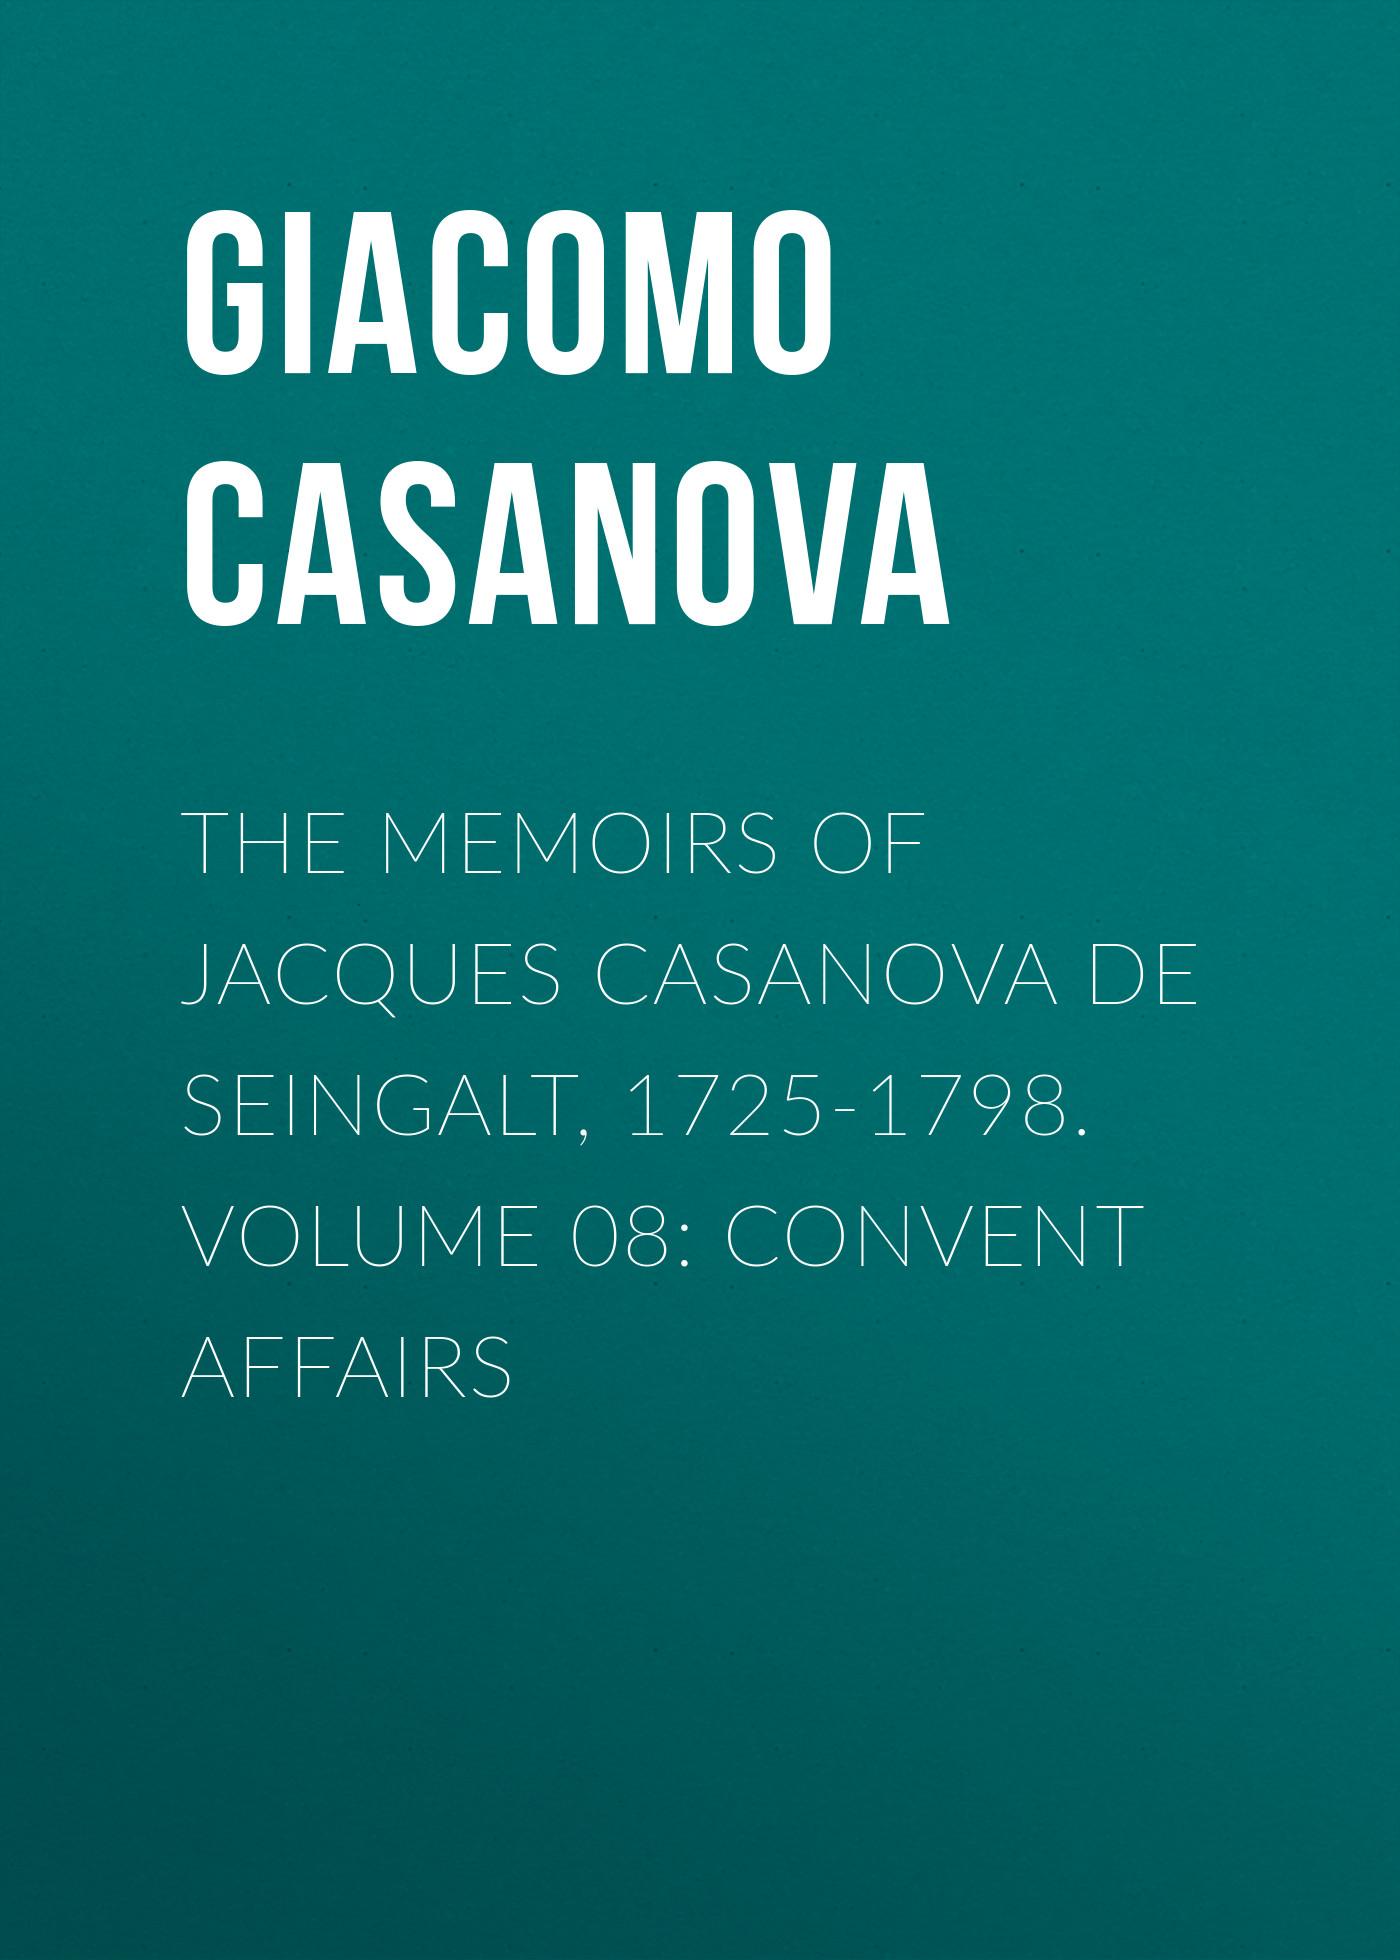 Giacomo Casanova The Memoirs of Jacques Casanova de Seingalt, 1725-1798. Volume 08: Convent Affairs giacomo casanova the memoirs of jacques casanova de seingalt 1725 1798 volume 28 rome